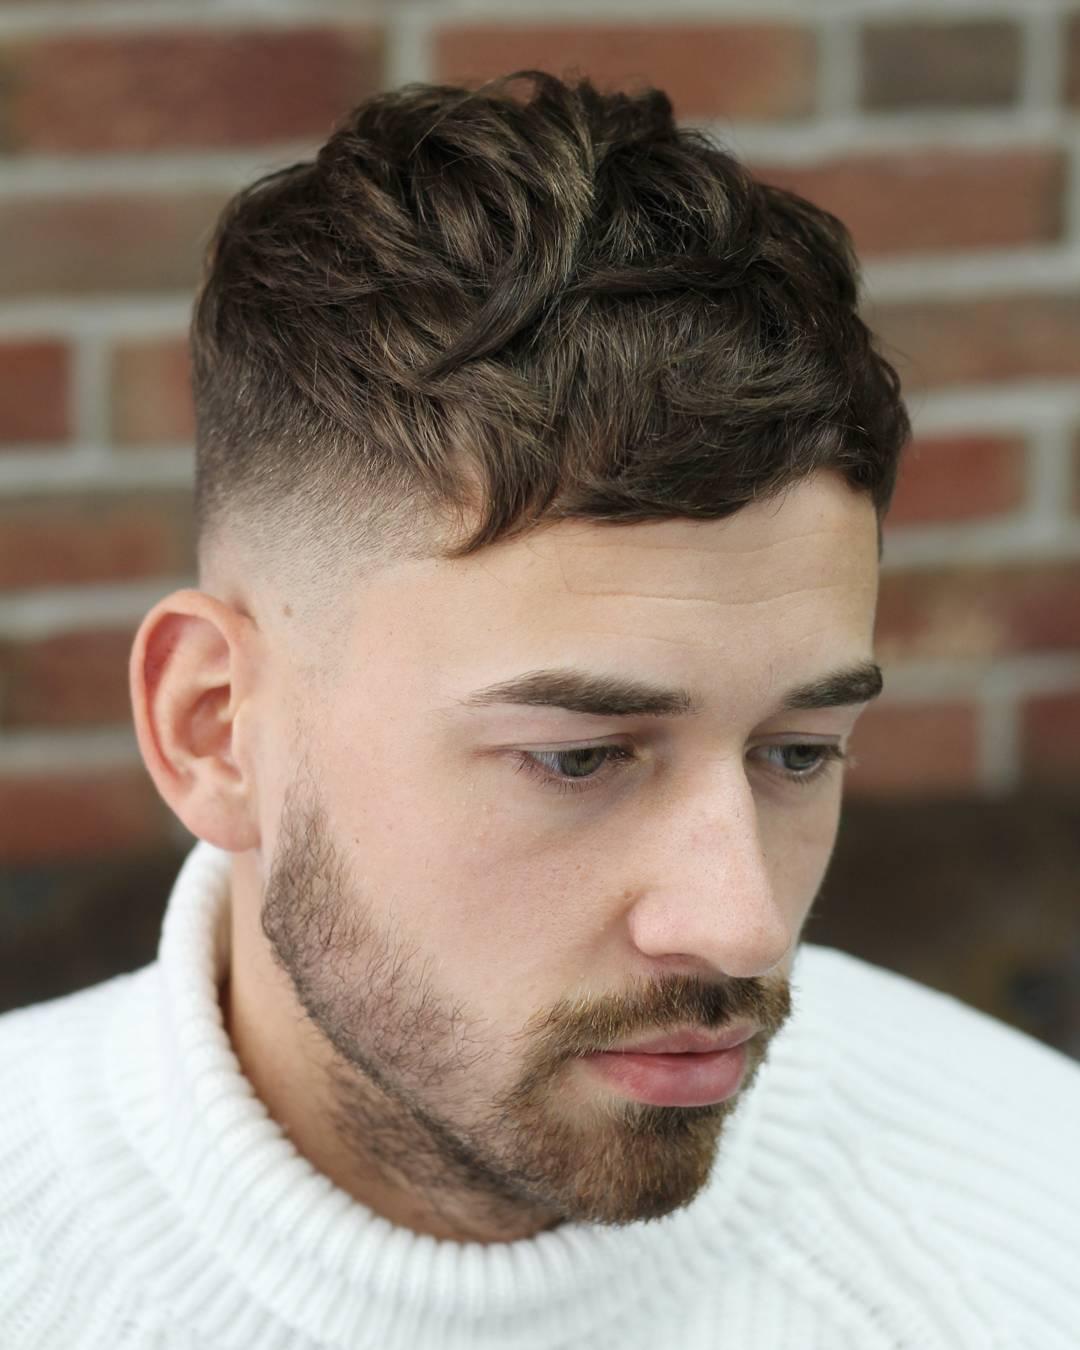 Astounding Best Short Hairstyles For Men Detroit Grooming Company Men39S Short Hairstyles For Black Women Fulllsitofus